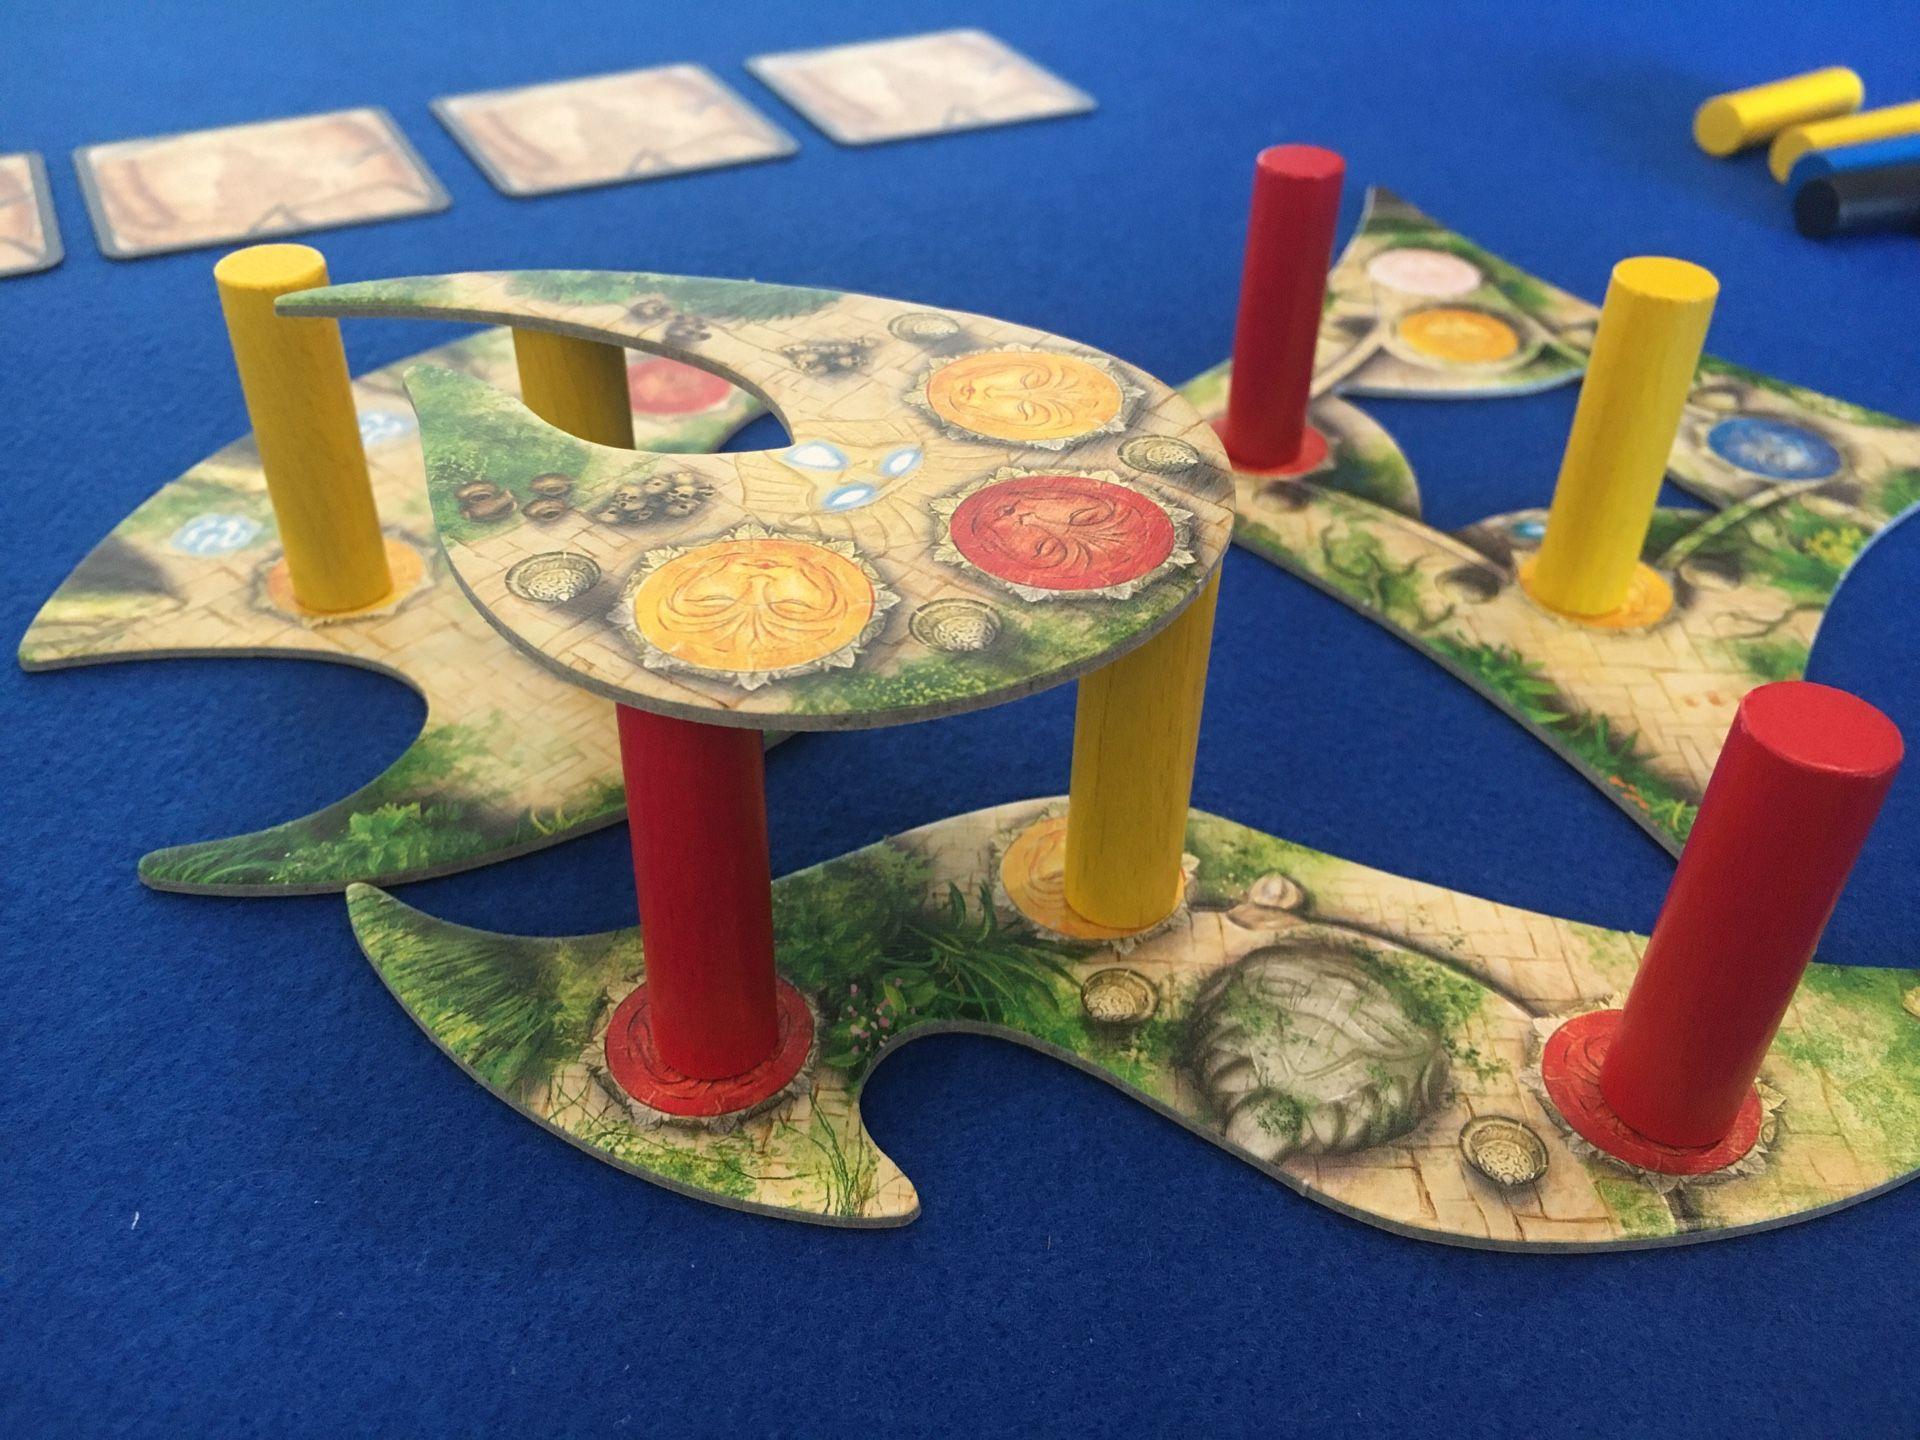 Colocando un piso en Menara juego de mesa